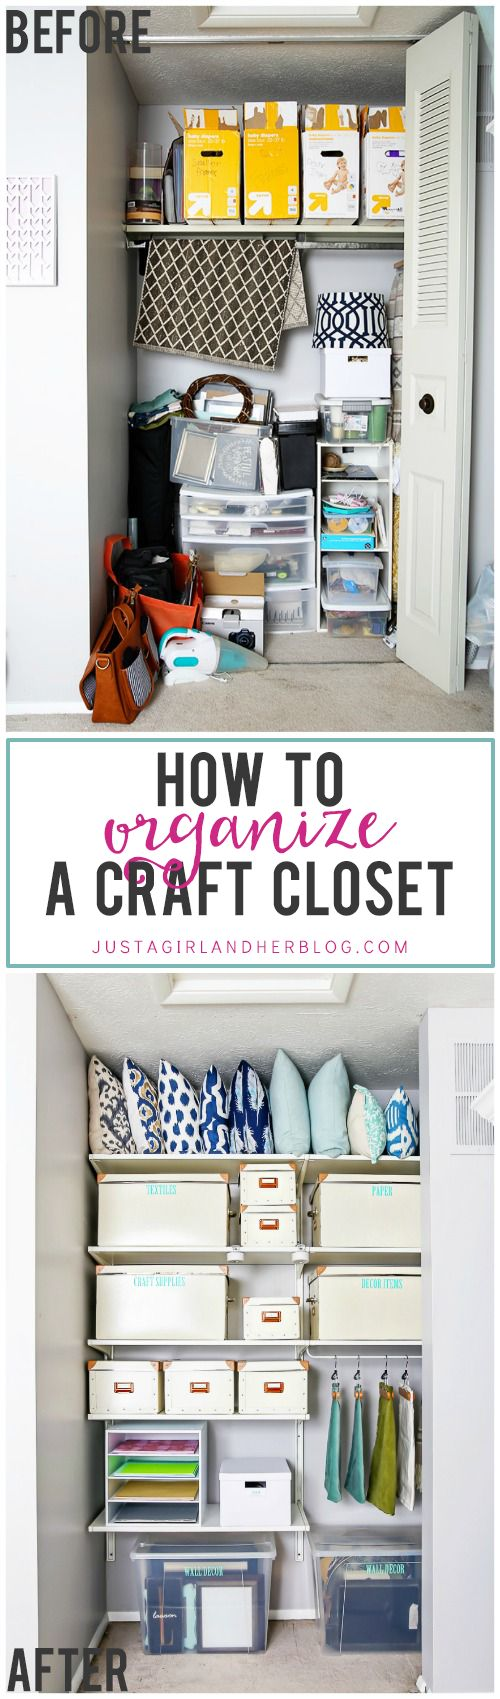 Craft closet storage - How To Organize A Craft Closet